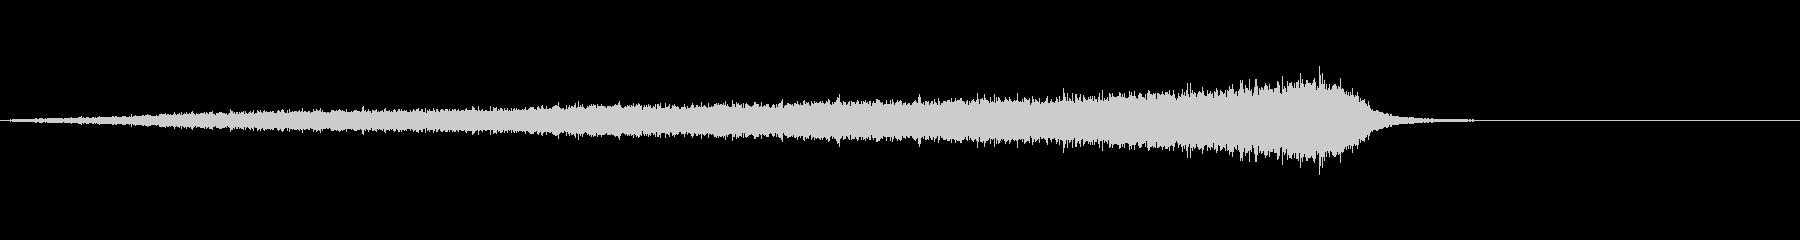 ホラー系効果音20の未再生の波形